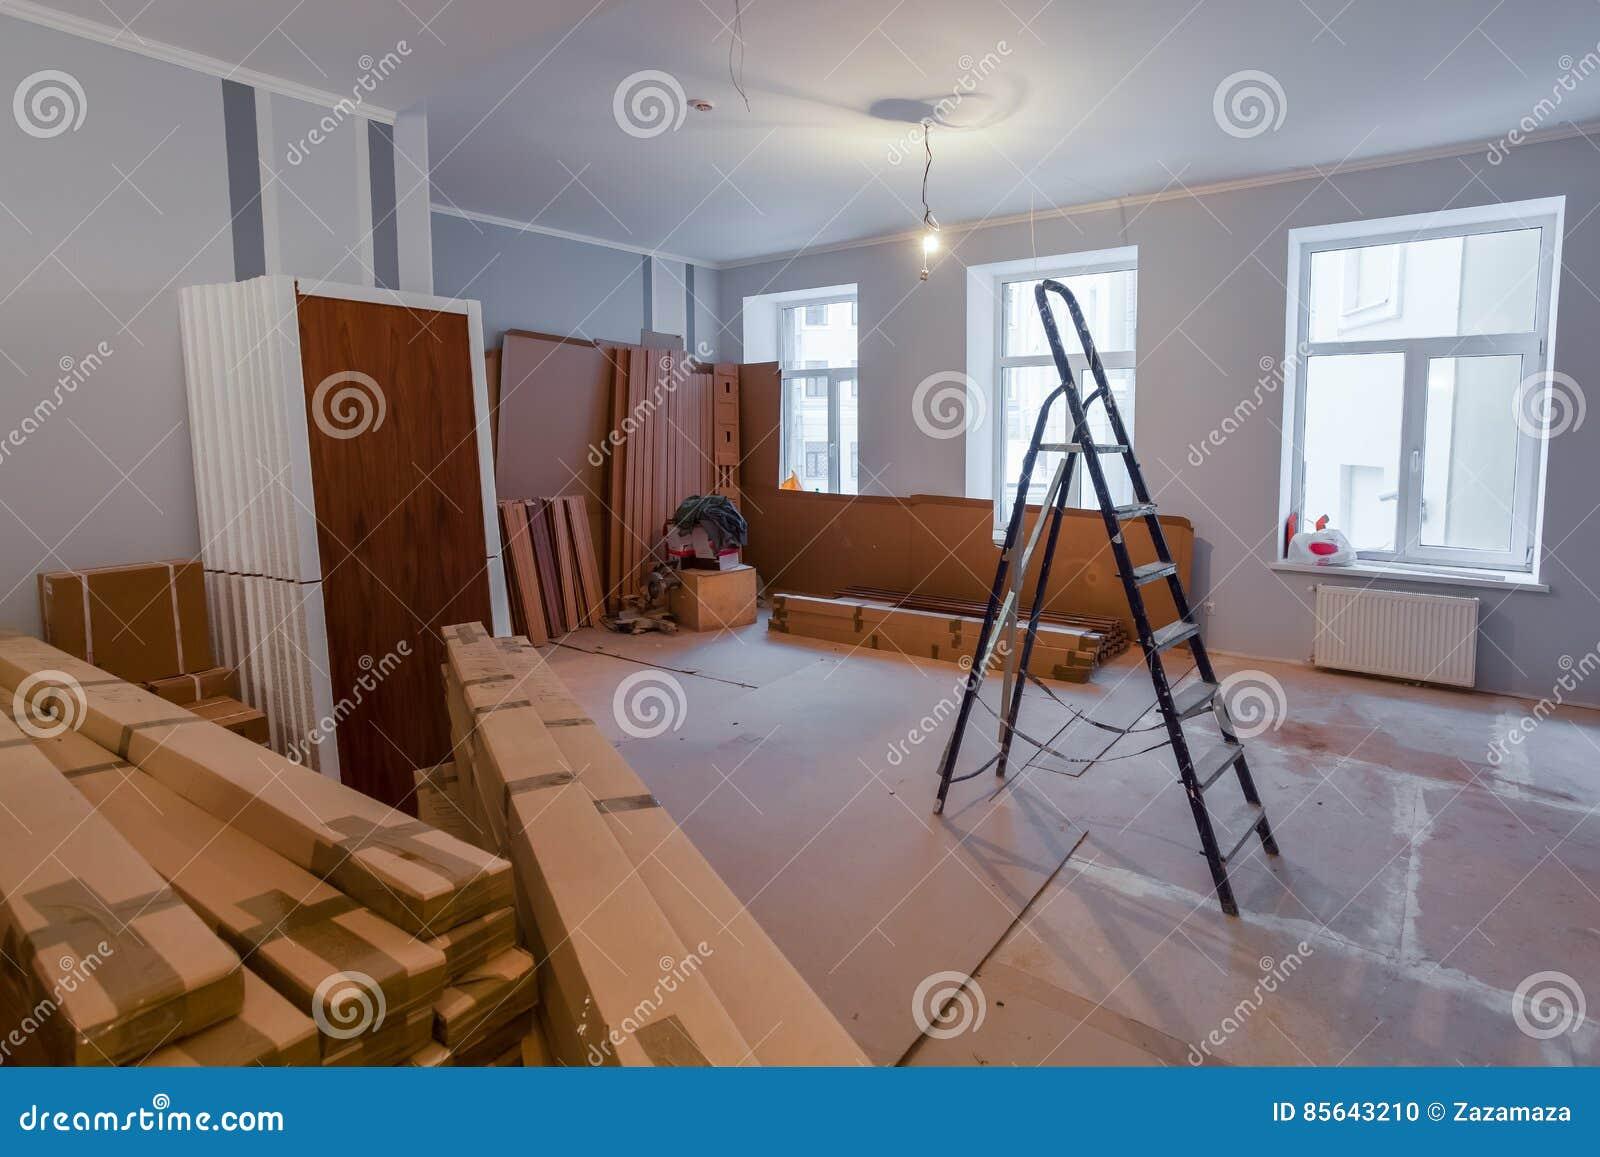 Ремонт в квартирах по реновации